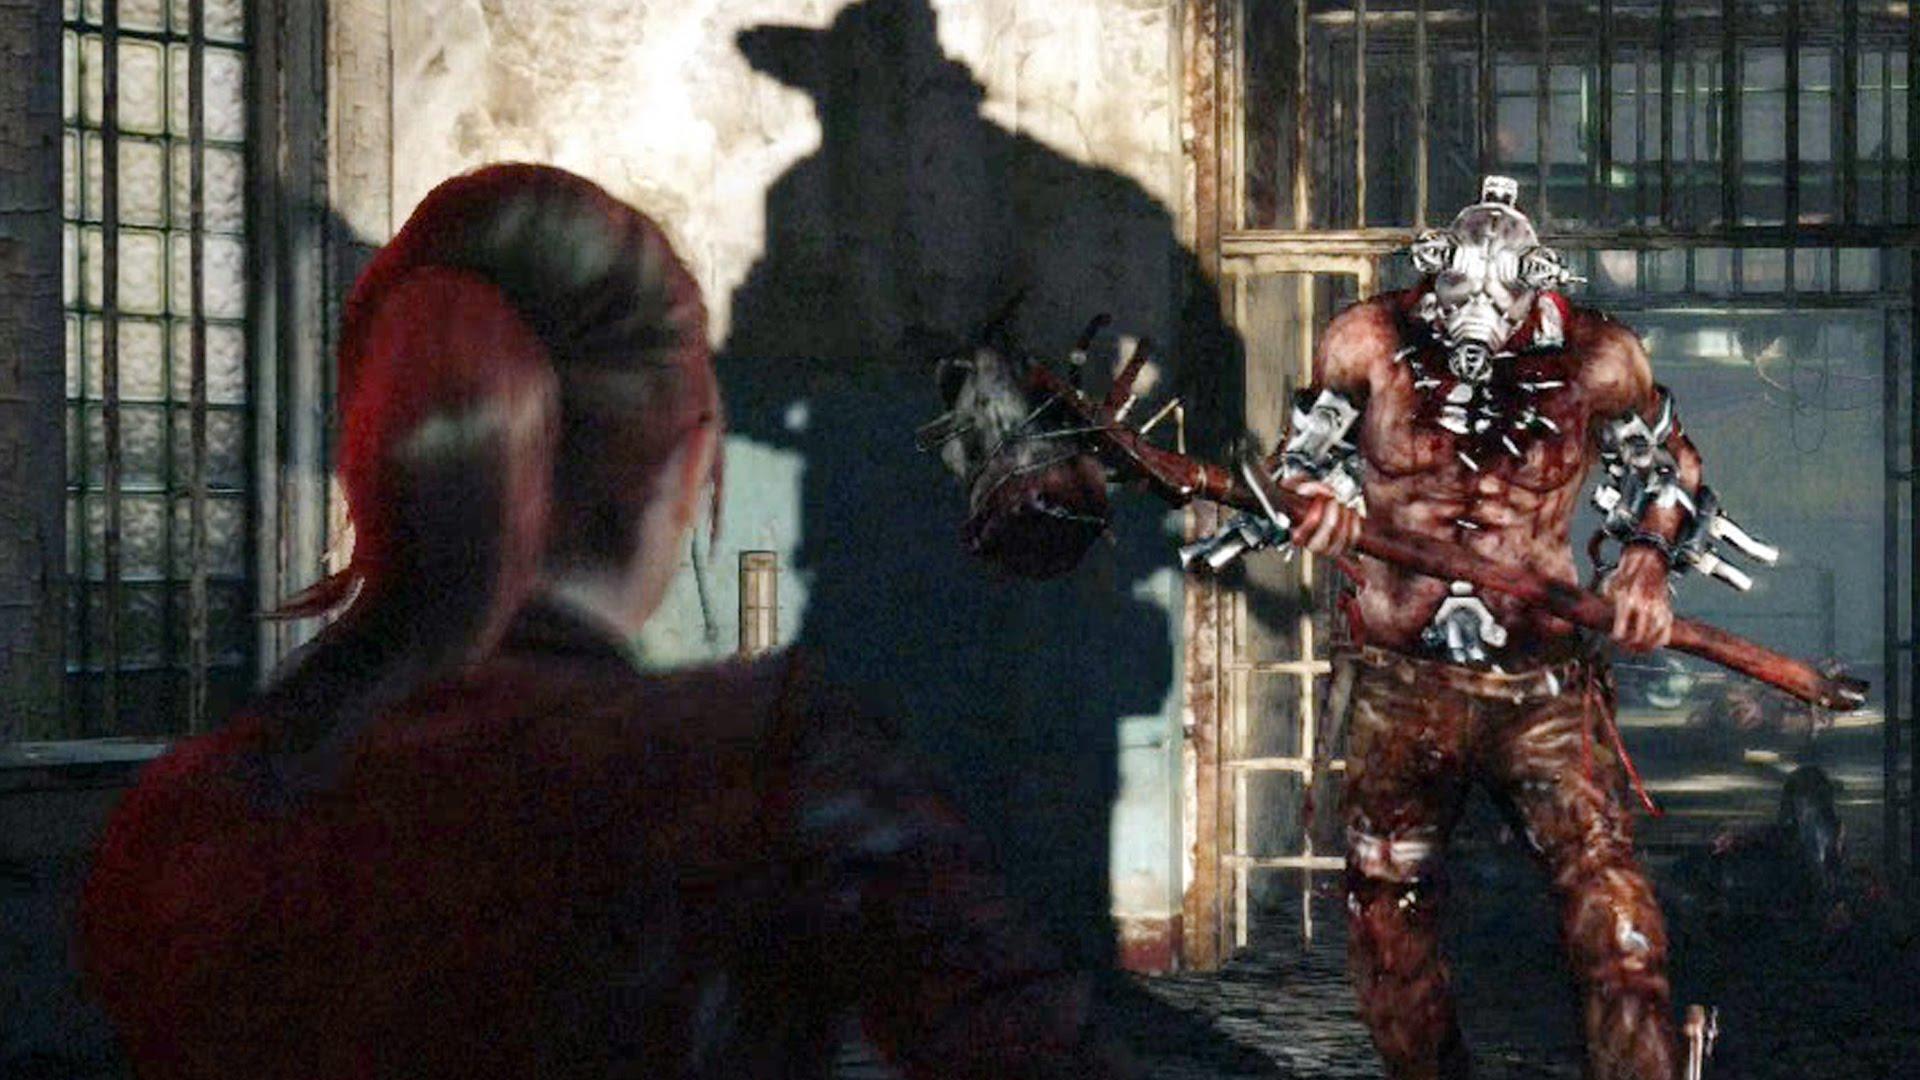 Free Download Resident Evil Revelations 2 Wallpaper 12 1920x1080